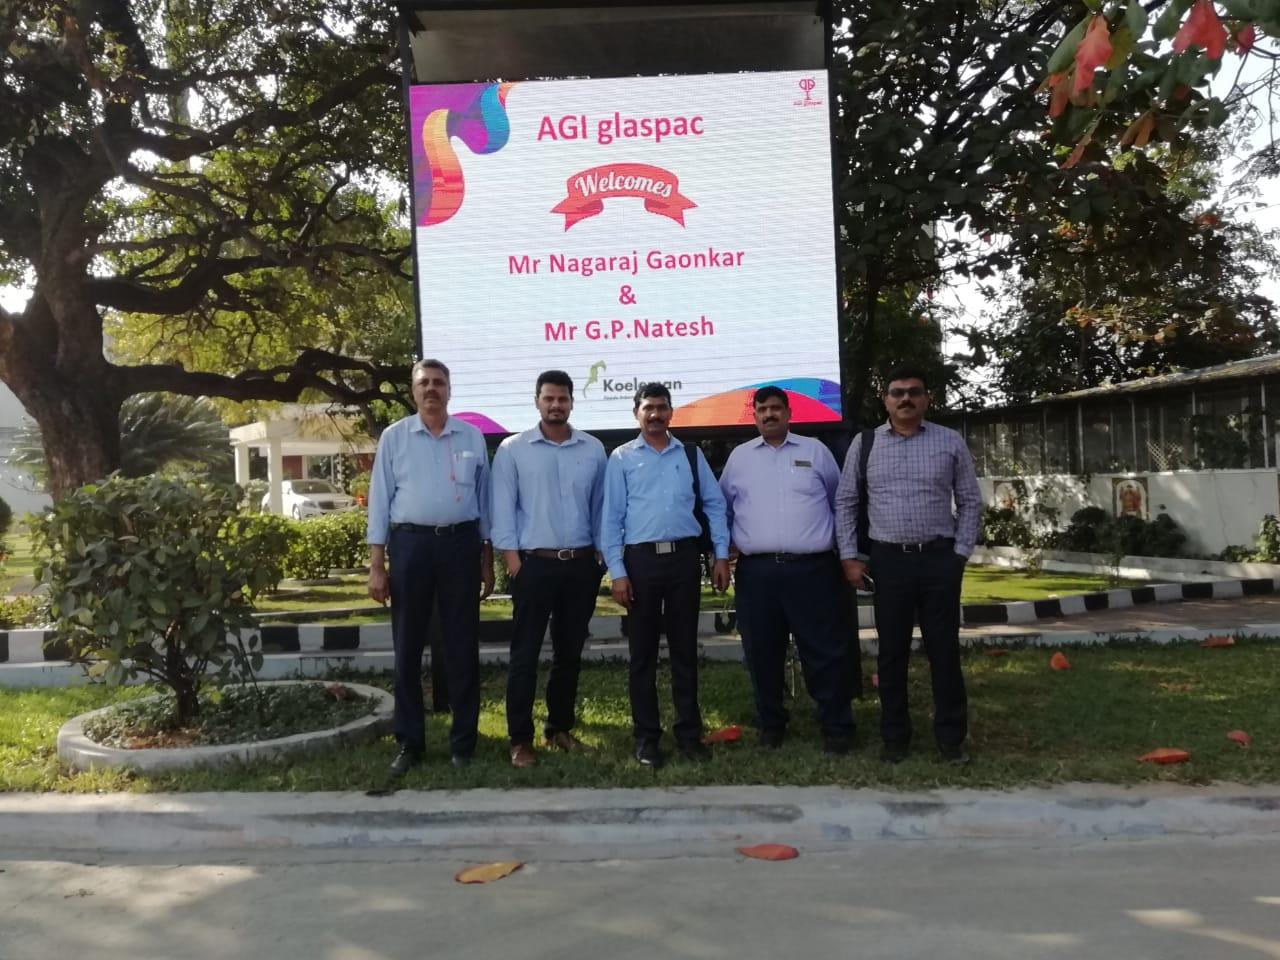 Koeleman公司的Nagaraj Gaonkar先生和G P Natesh先生